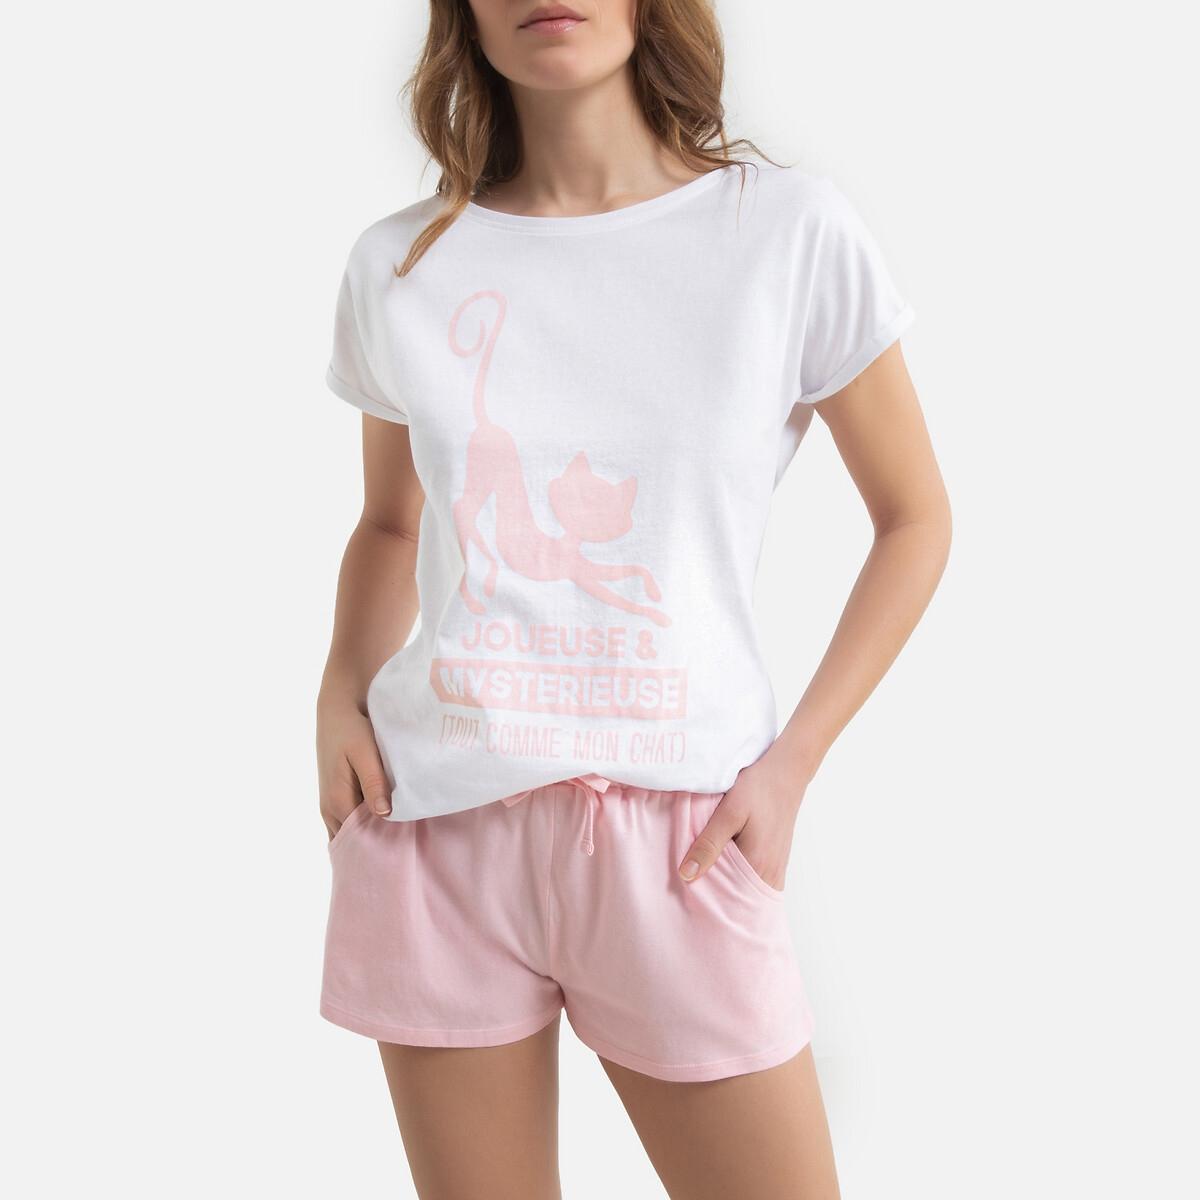 Фото - Пижама LaRedoute С шортами Catsline S белый пижама laredoute с шортами в полоску m синий